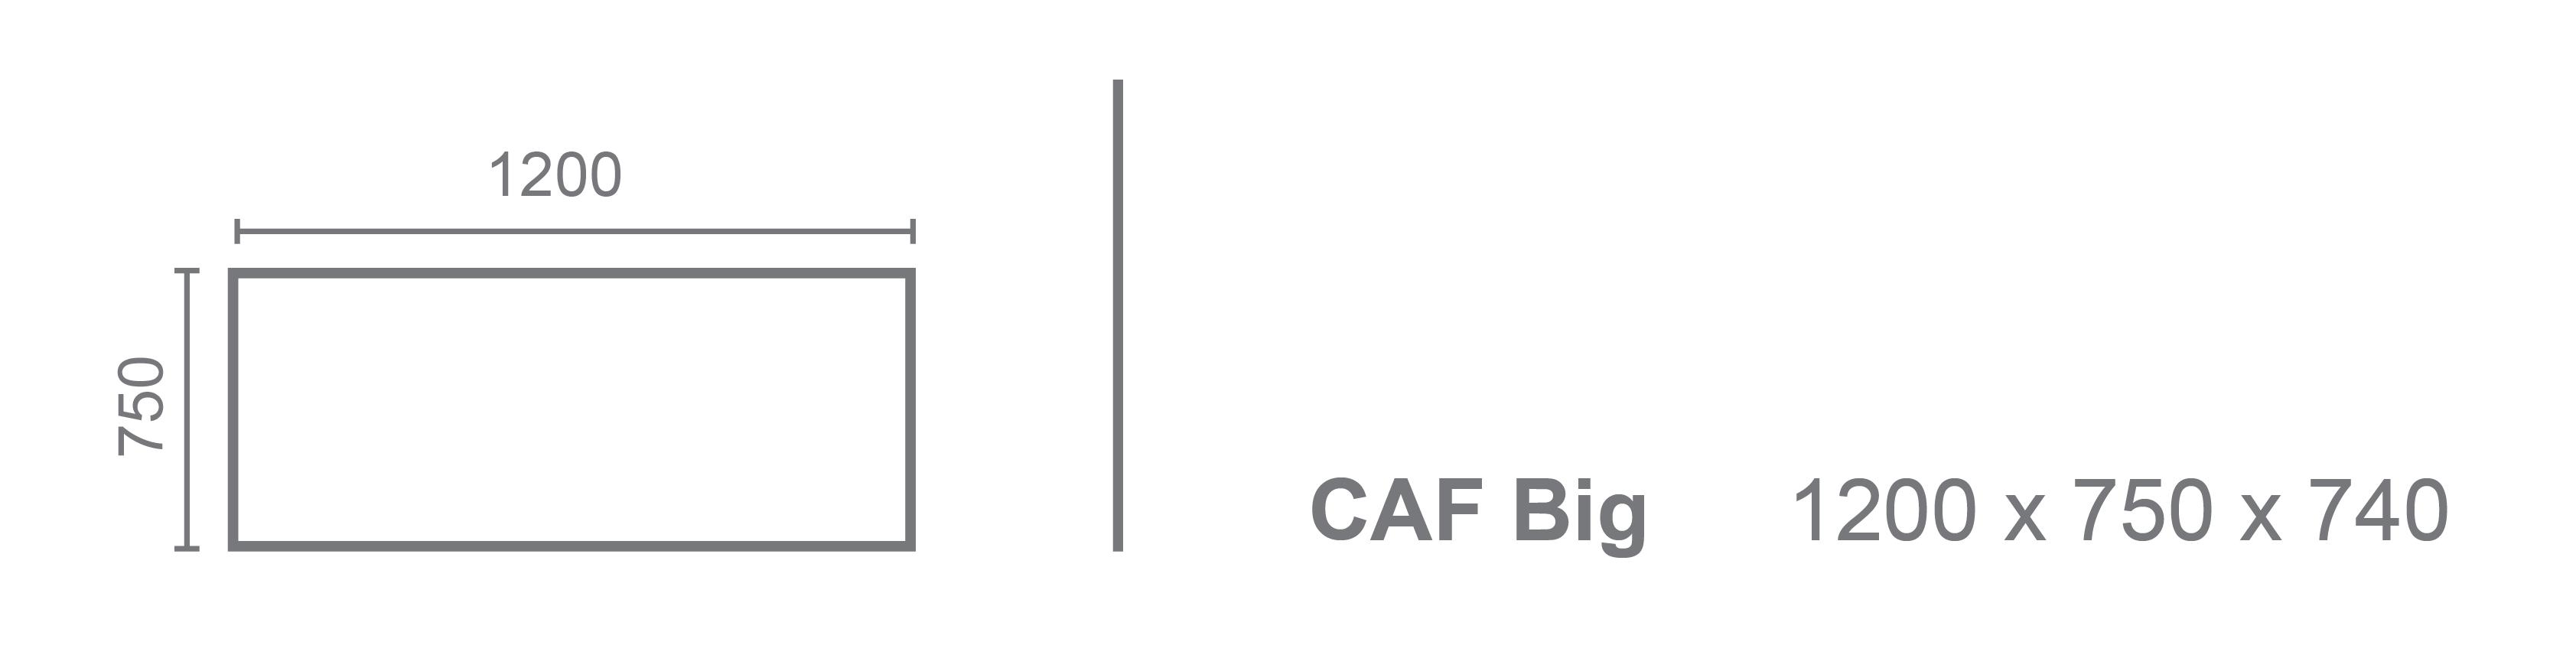 CAF-Big